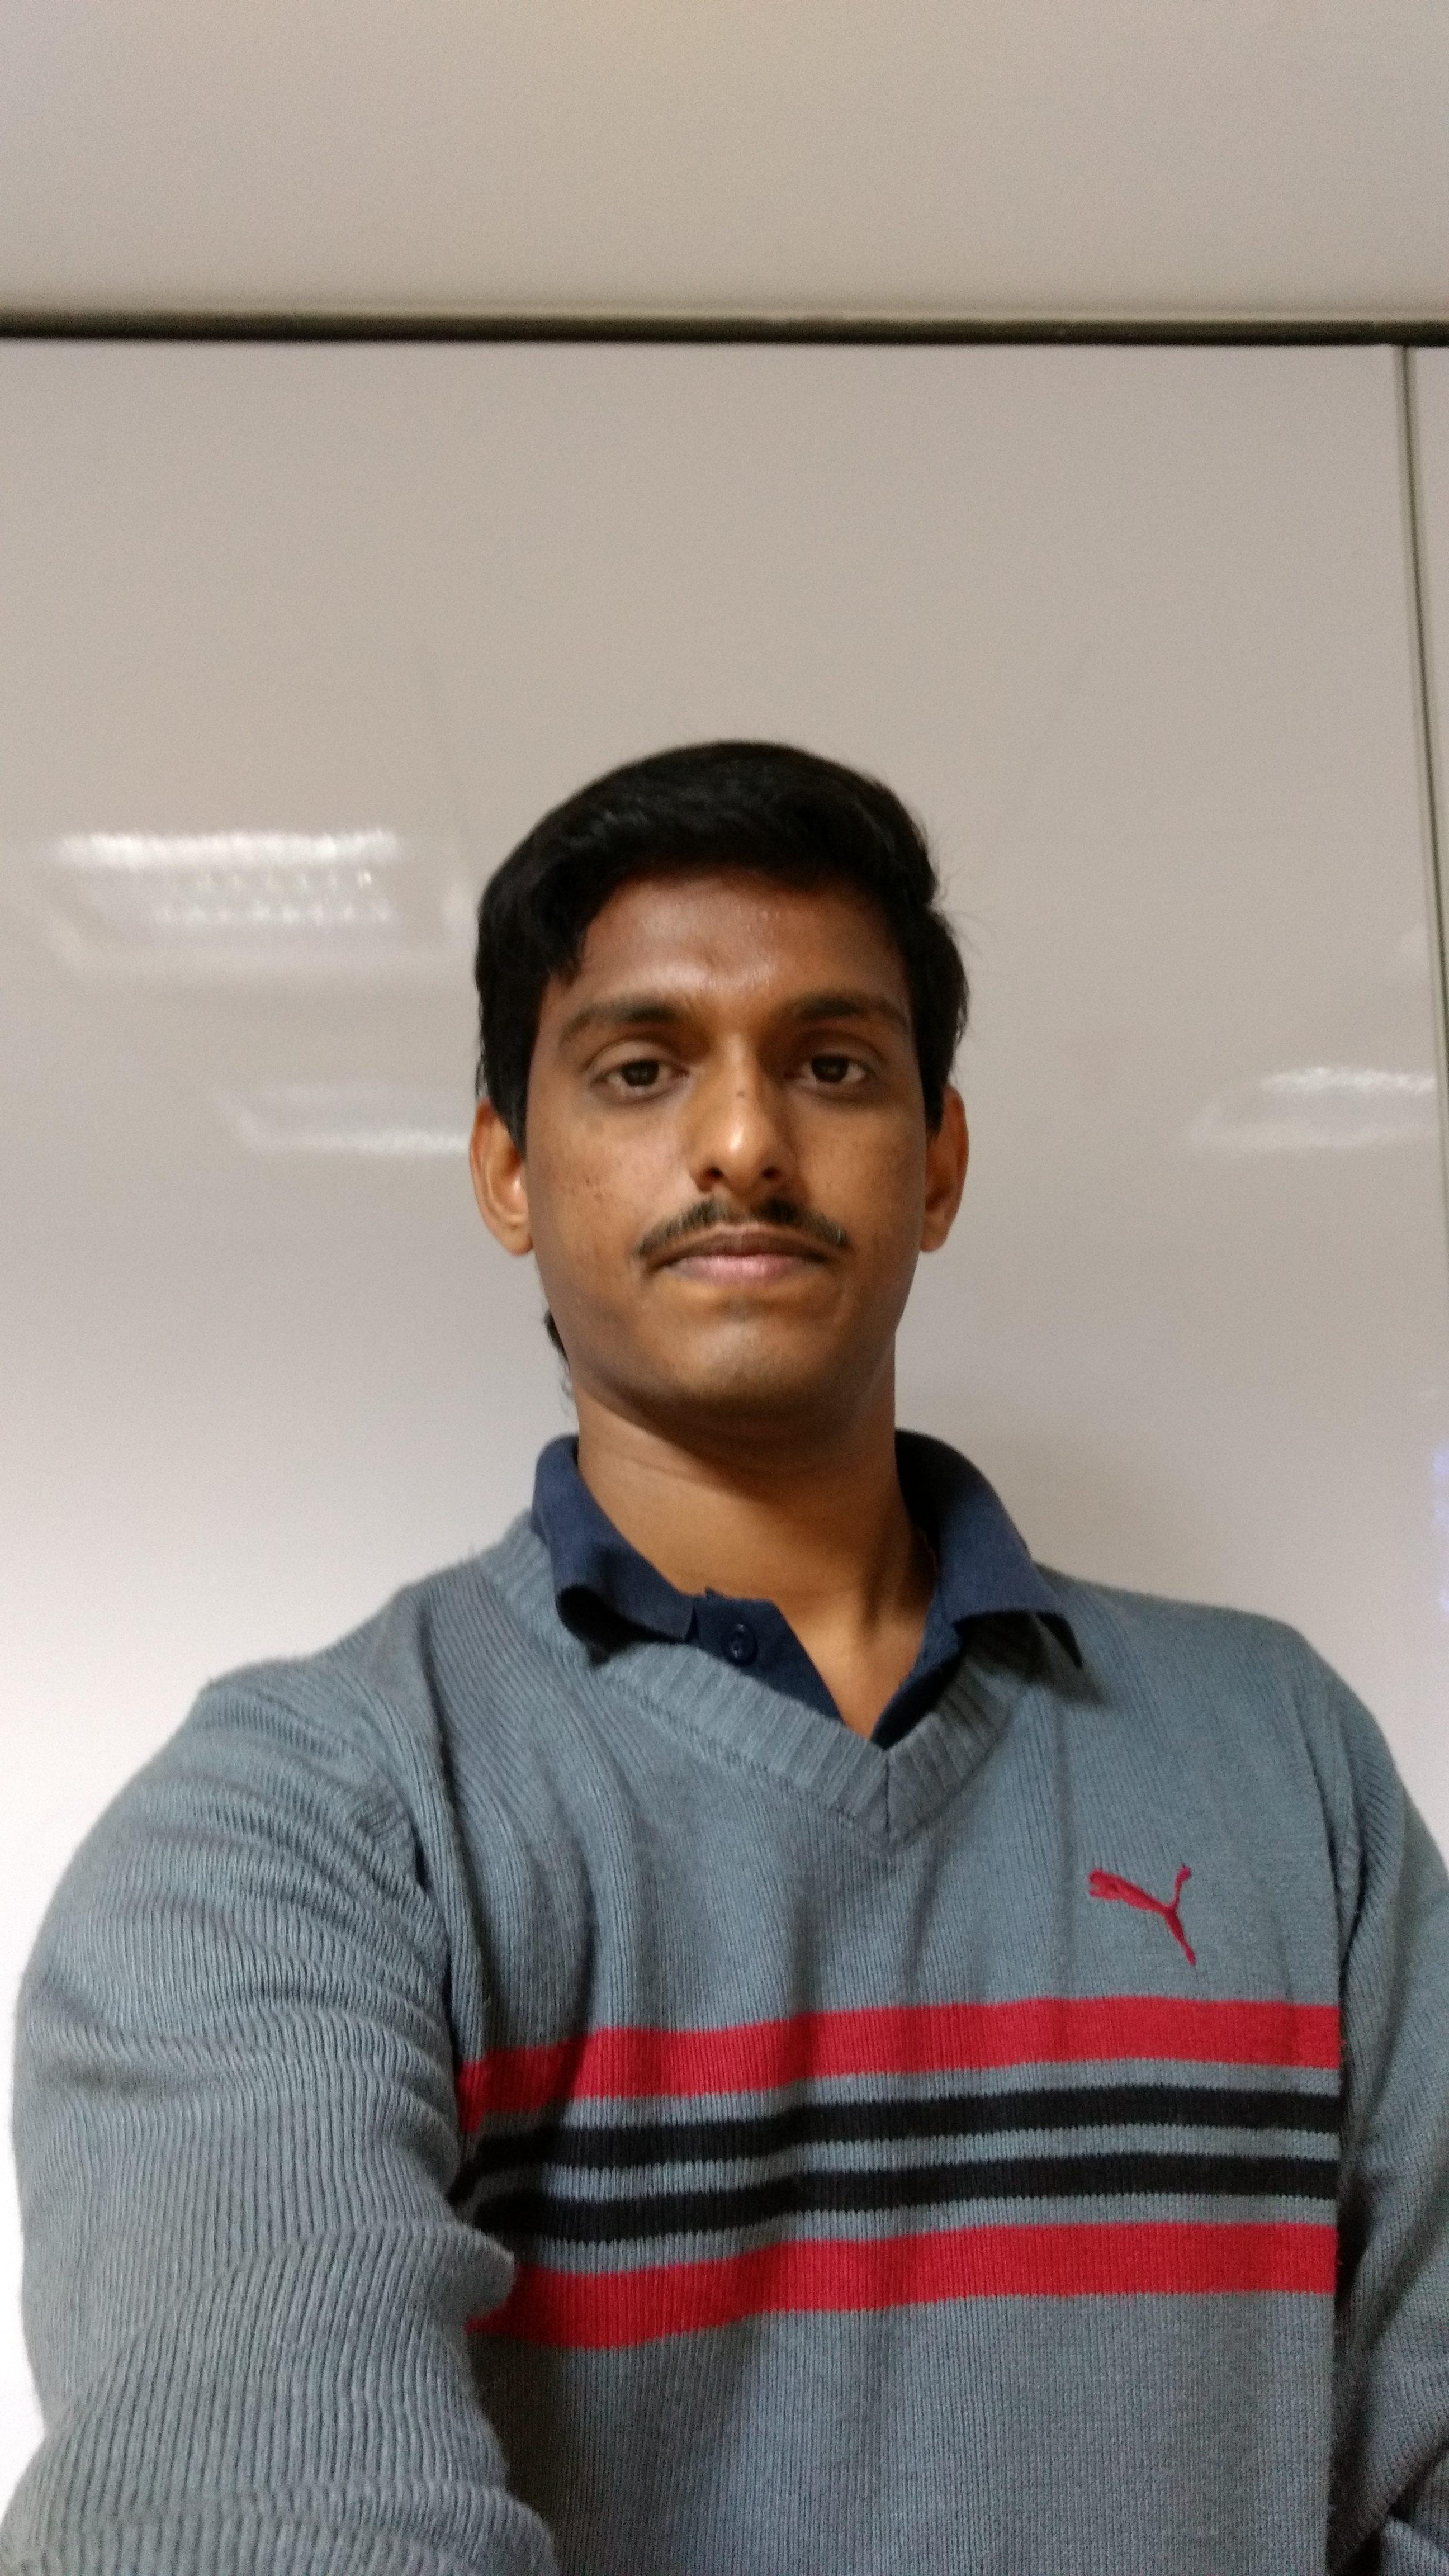 Vimalkumar-Selvaraj